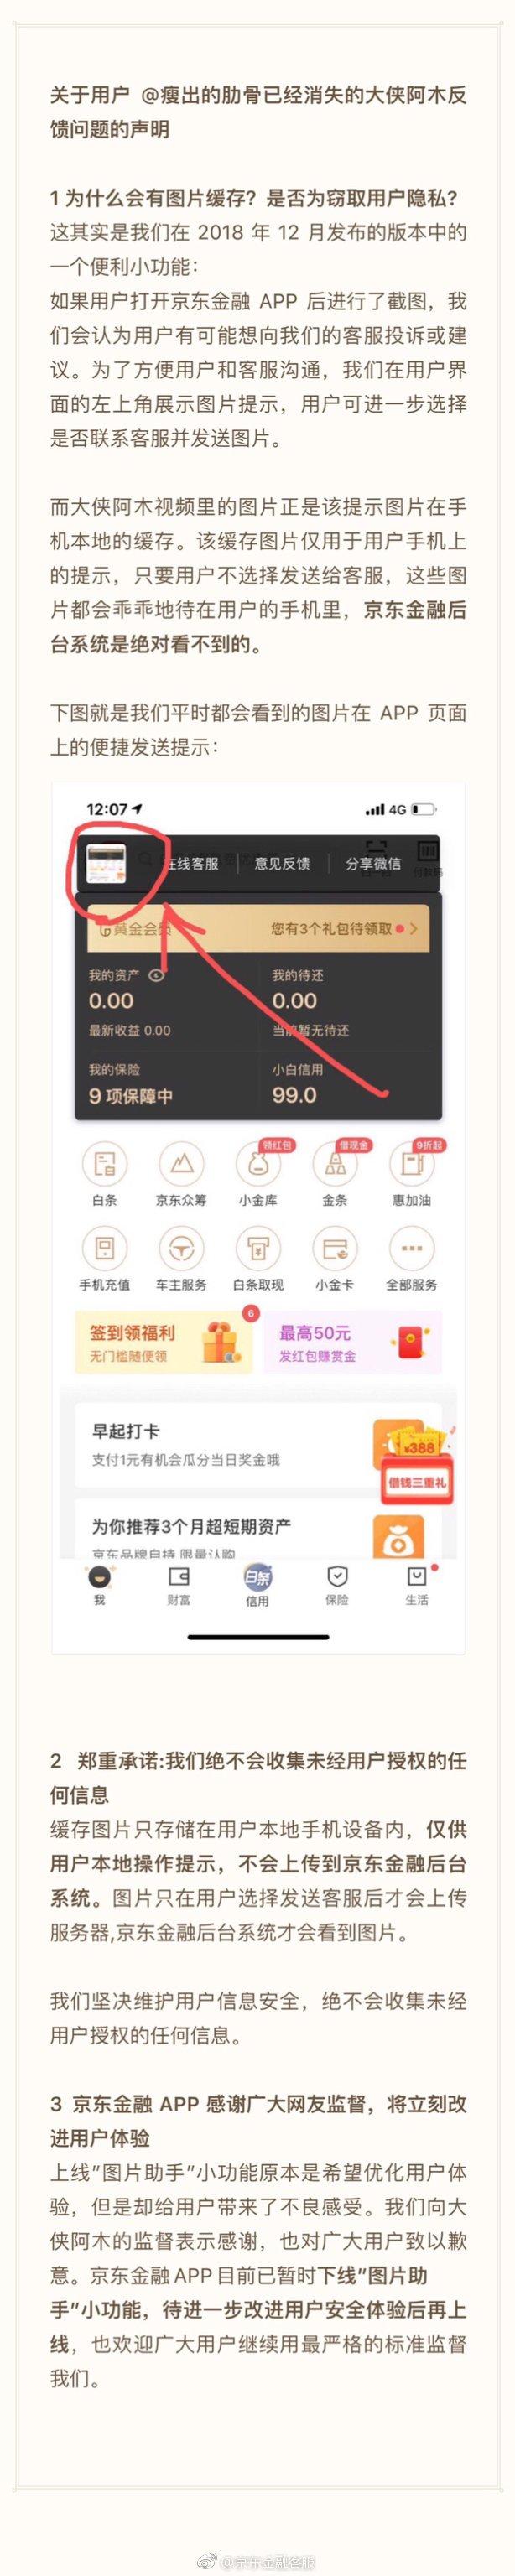 京东金融否认App收集隐私:不上传 已下线功能的照片 - 3